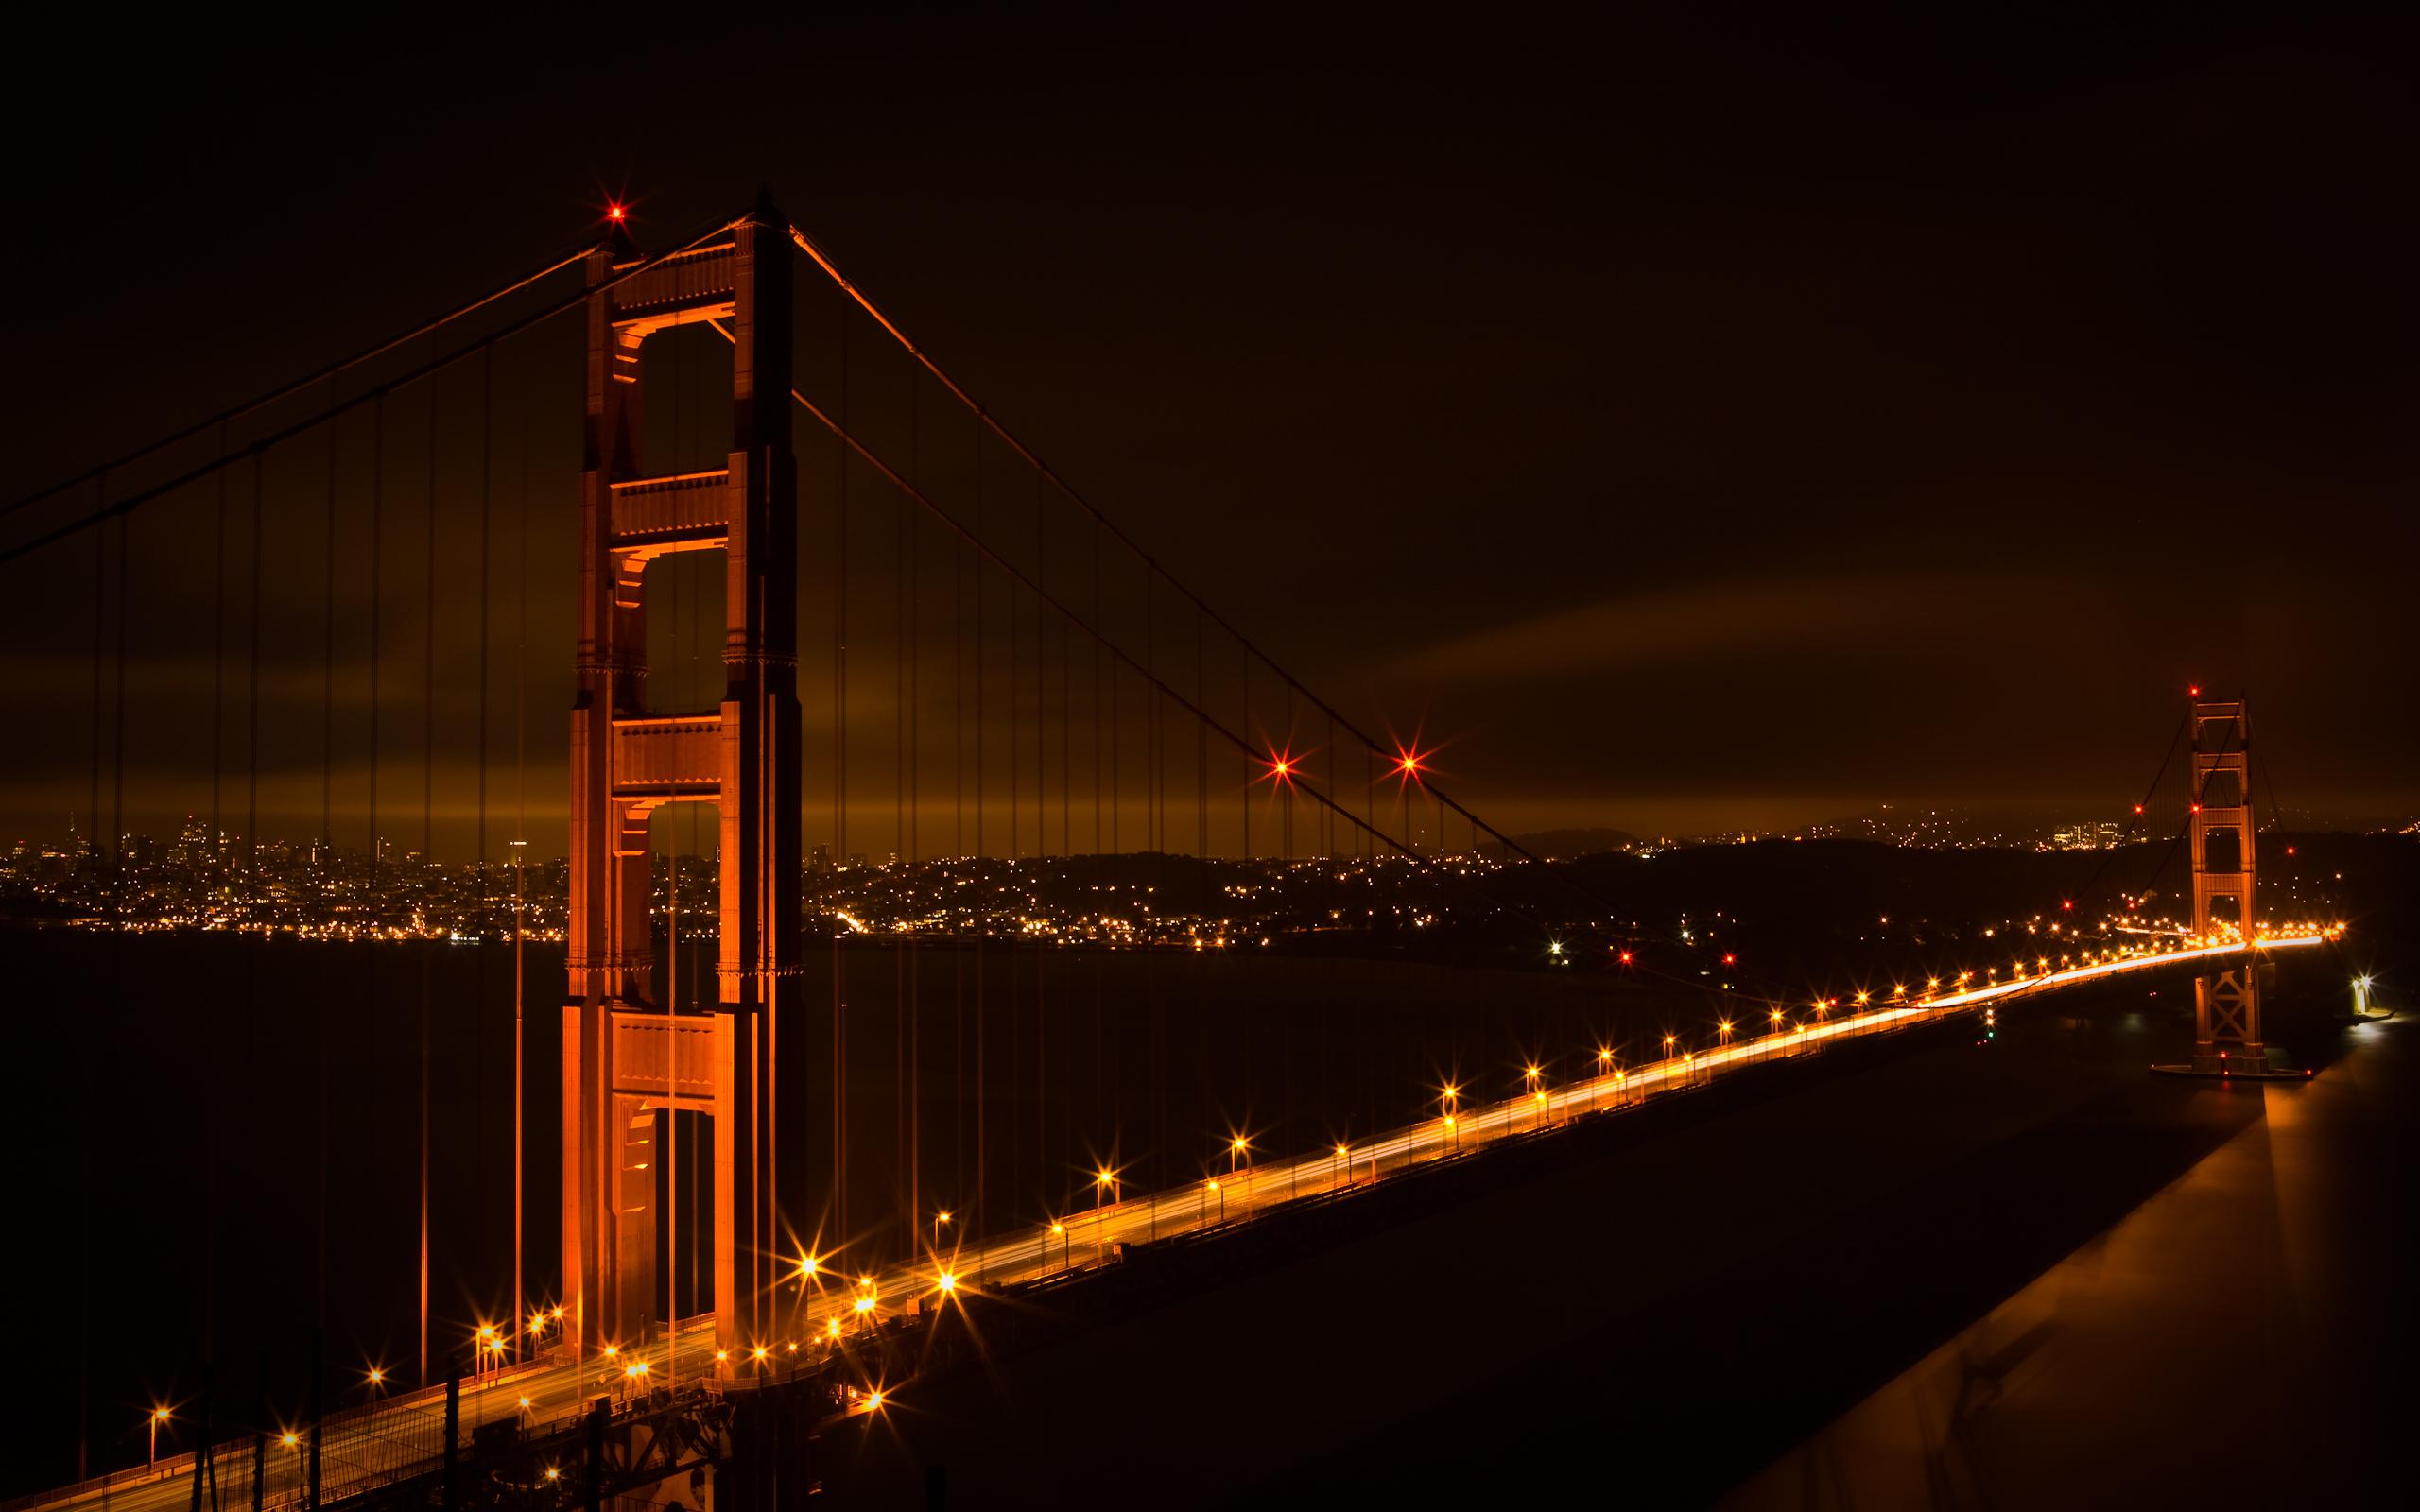 San Francisco Wallpaper HD 882753 San Francisco Wallpaper 882704 San 2560x1600